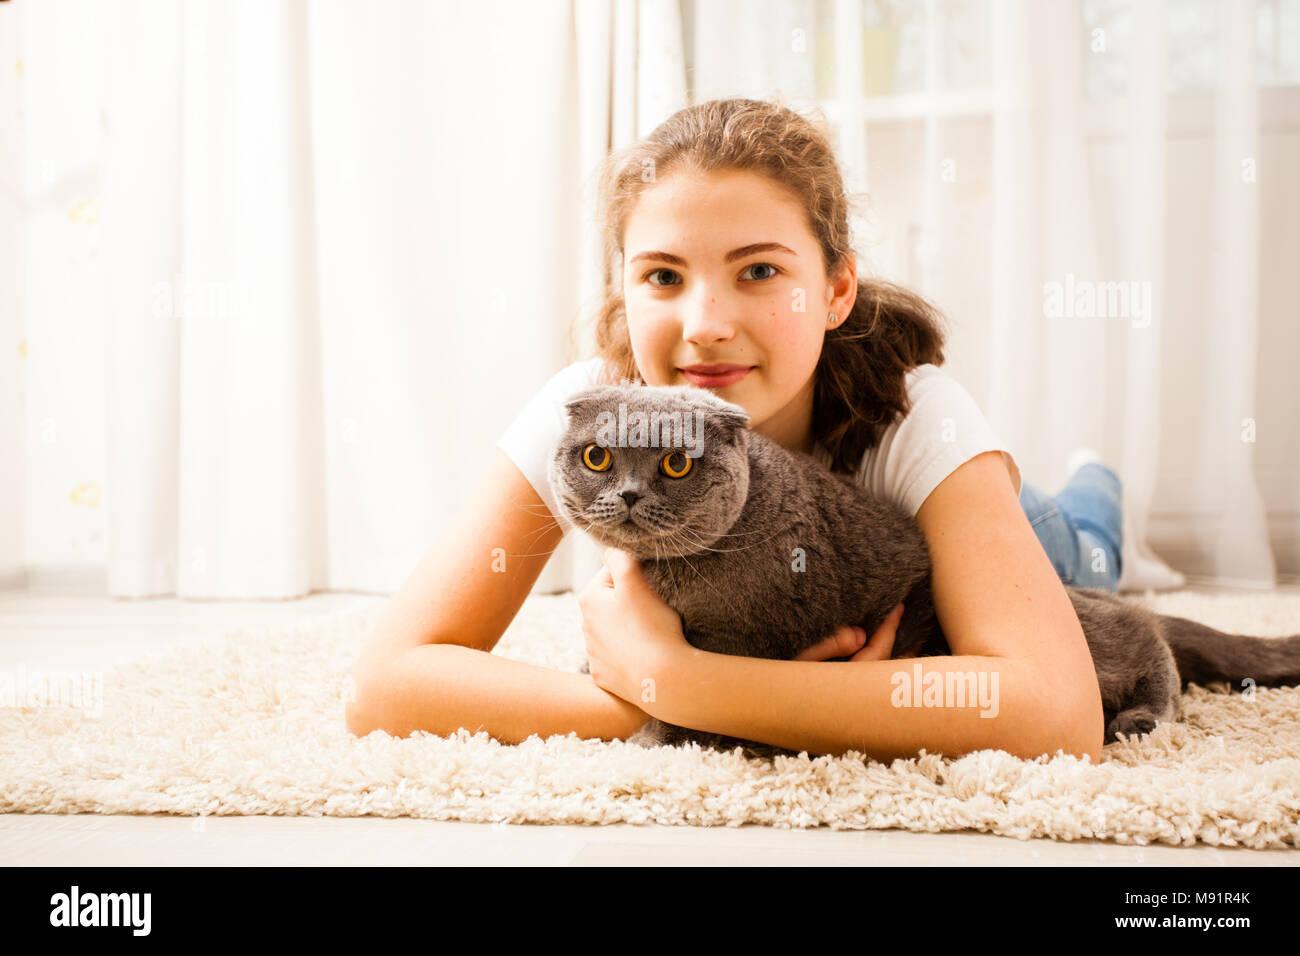 La fille est son chat huging Photo Stock